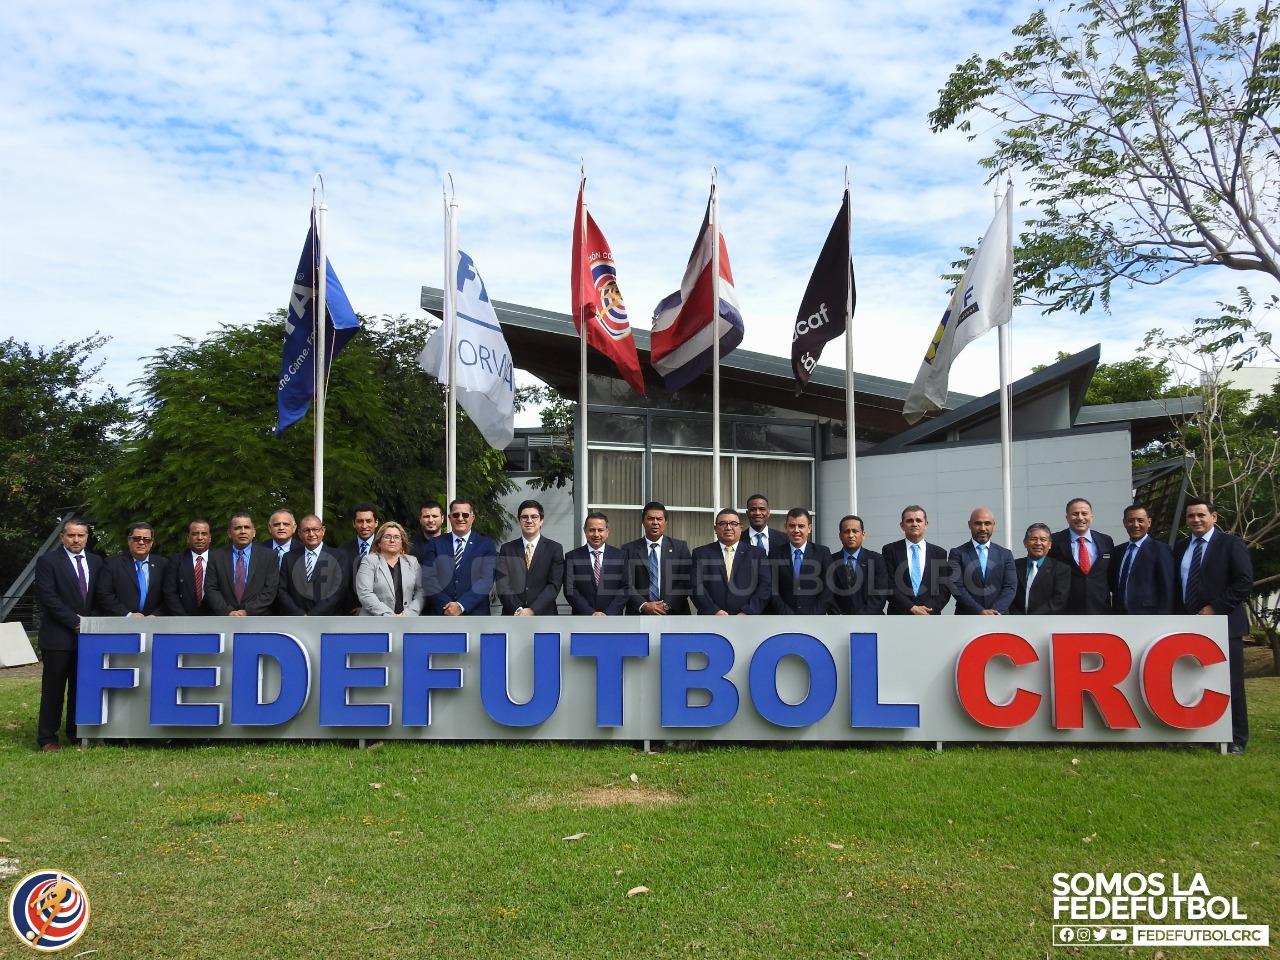 Comisiones de arbitraje del área se reúnen en Costa Rica